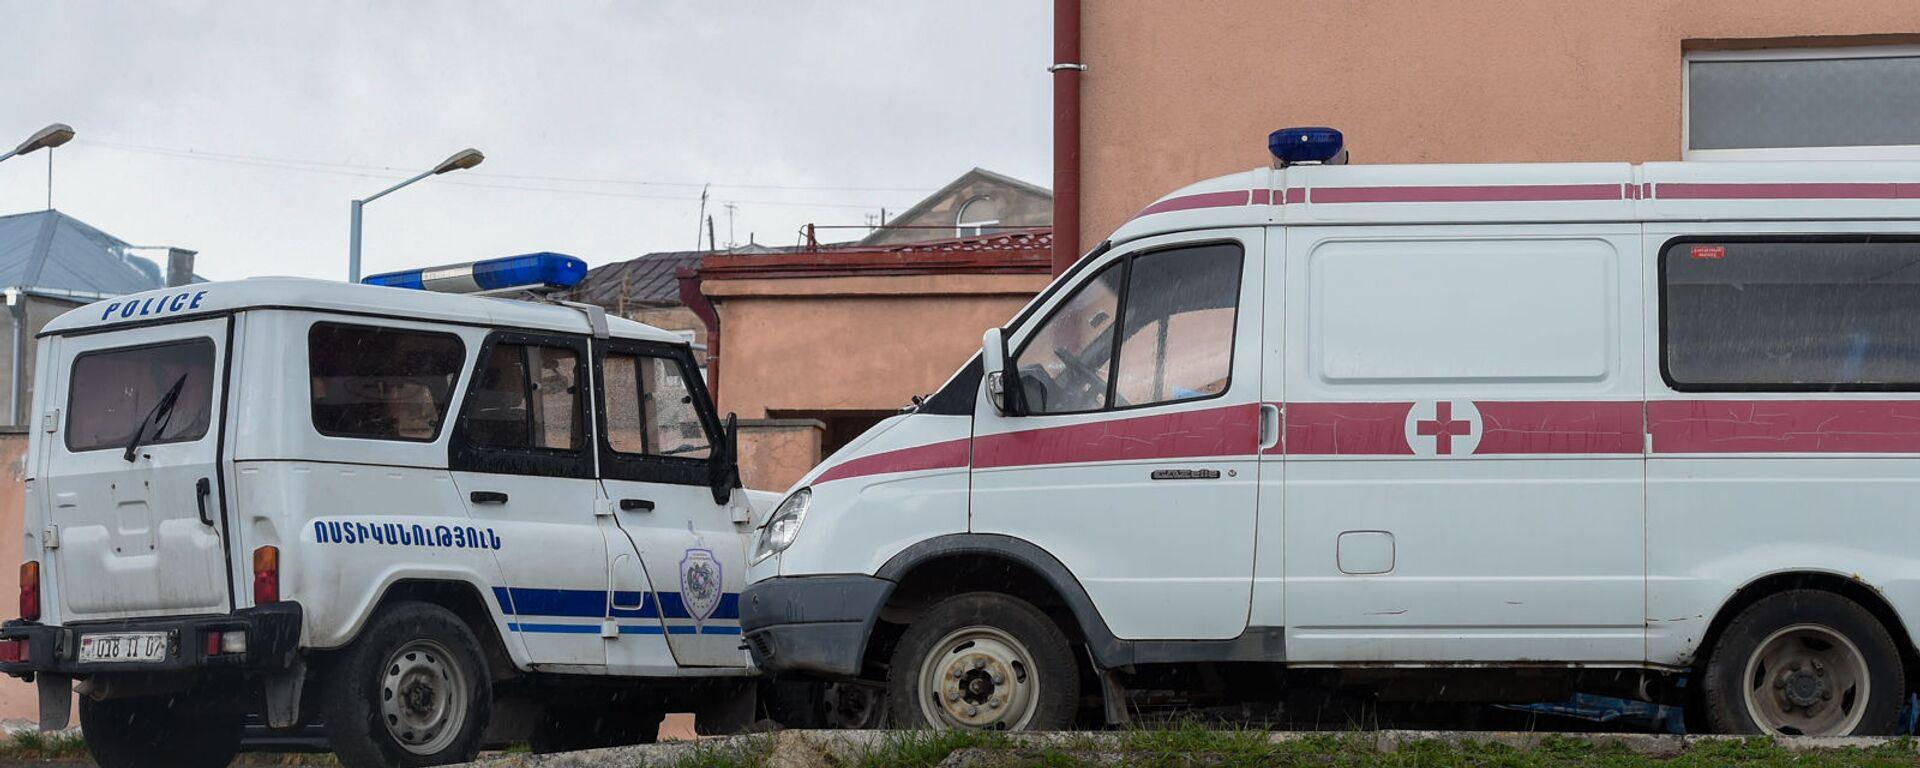 Автомобили полиции и скорой помощи на месте преступления (29 апреля 2020). Гавар - Sputnik Արմենիա, 1920, 10.02.2021